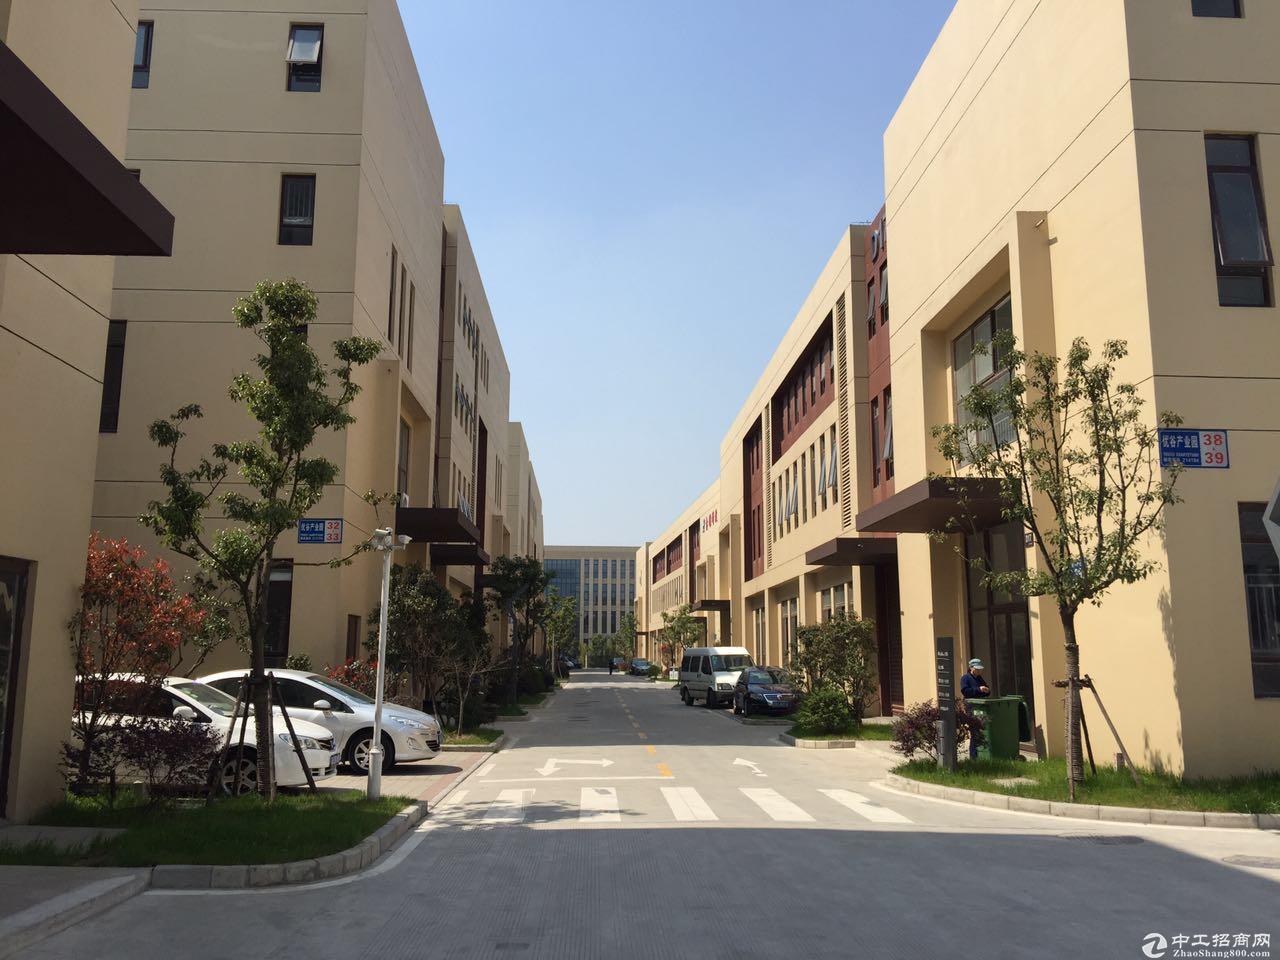 出售全新工业生产厂房 - 锡山锡北产业园区 联东U谷-图3